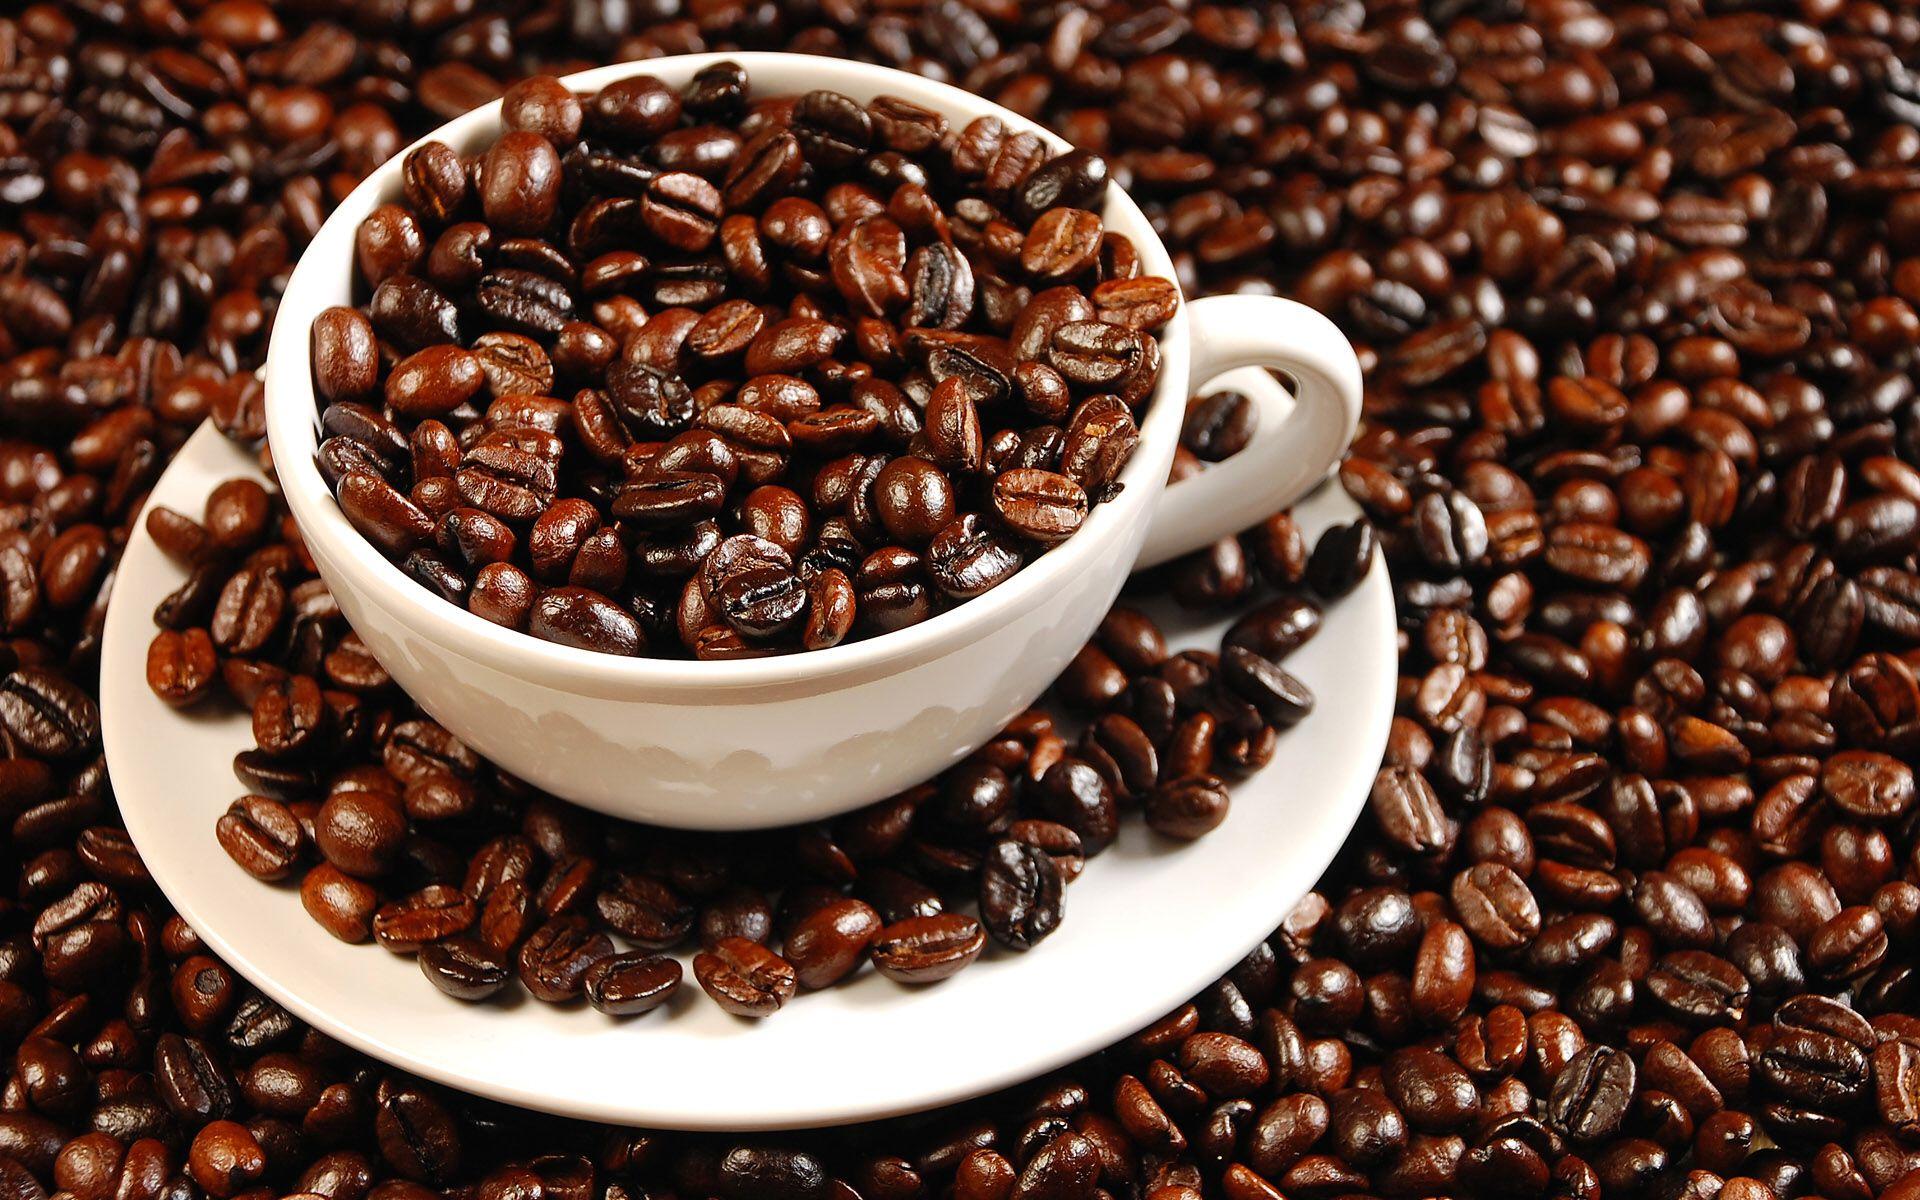 NGUYEN CHAT COFFEE cung cấp cà phê sạch nguyên chất giá rẻ.